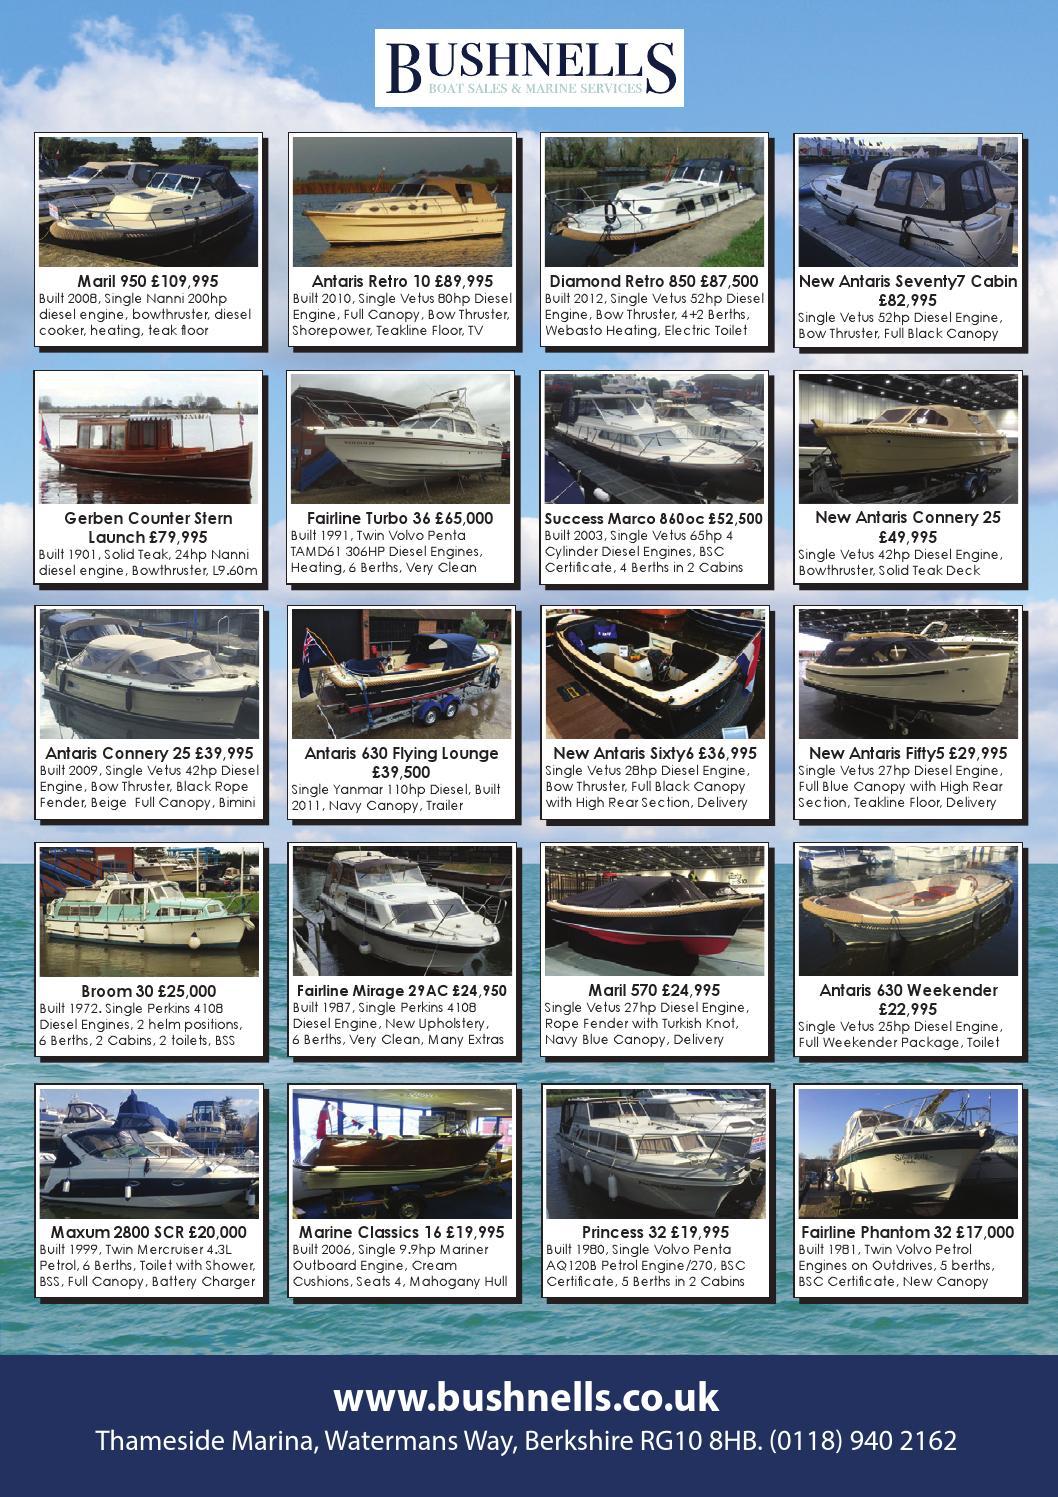 Motorboat Owner March 2016 by Digital Marine Media Ltd - issuu